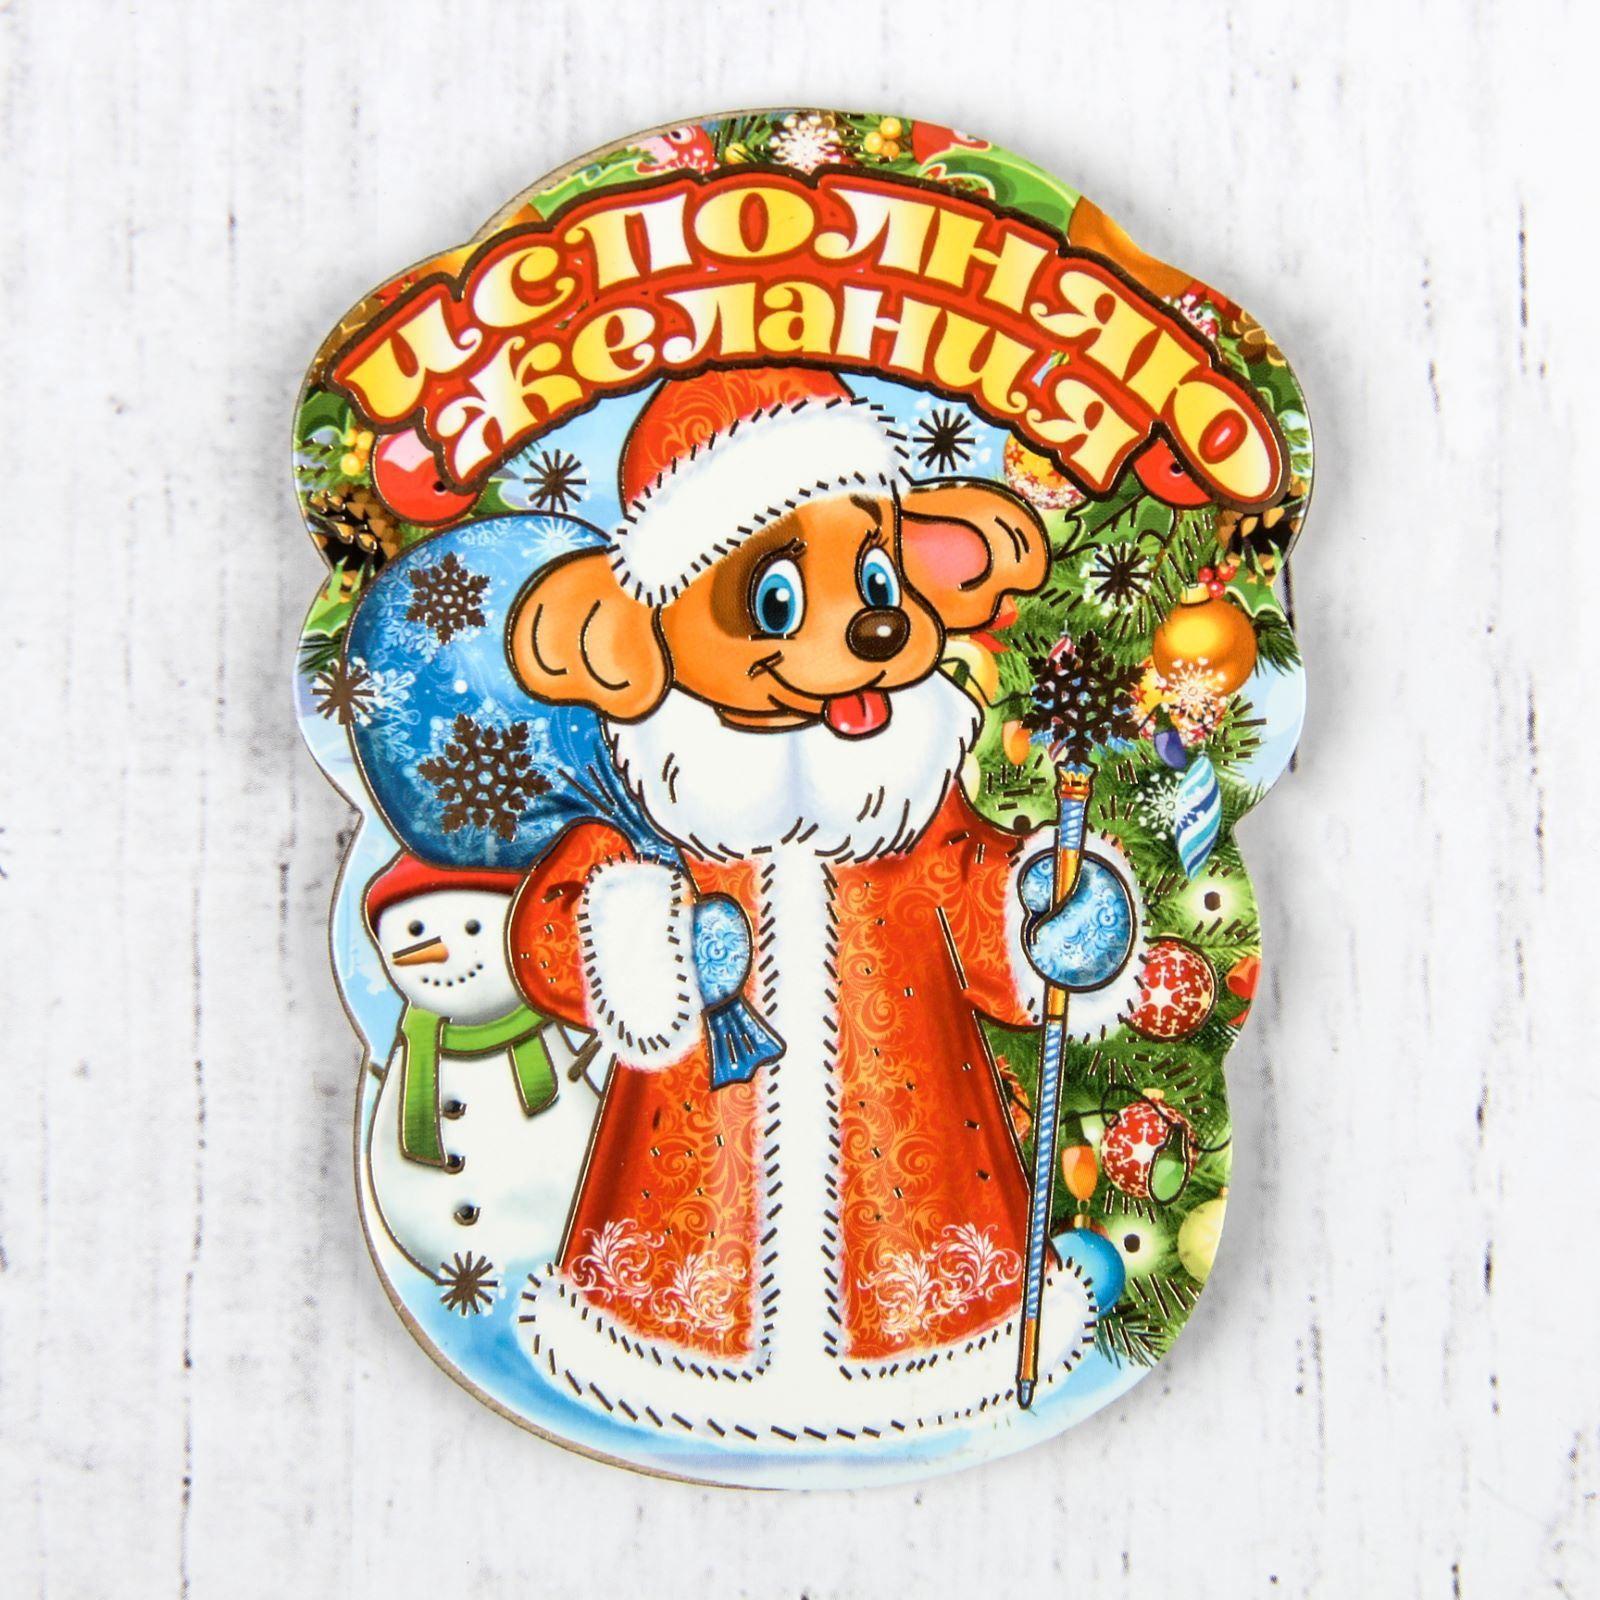 Магнит Sima-land Новогодний. 2018, 10 х 7,5 см. 25324092532409Порадуйте родных и близких оригинальным сувениром: преподнесите в подарок магнит. С ним даже самый серьезный человек почувствует себя ребенком, ожидающим чудо! Прикрепите его к любой металлической поверхности, и он удержит на виду важные записки, любовные послания или просто список продуктов.Создайте праздничное настроение, и оно останется с вами на весь год.